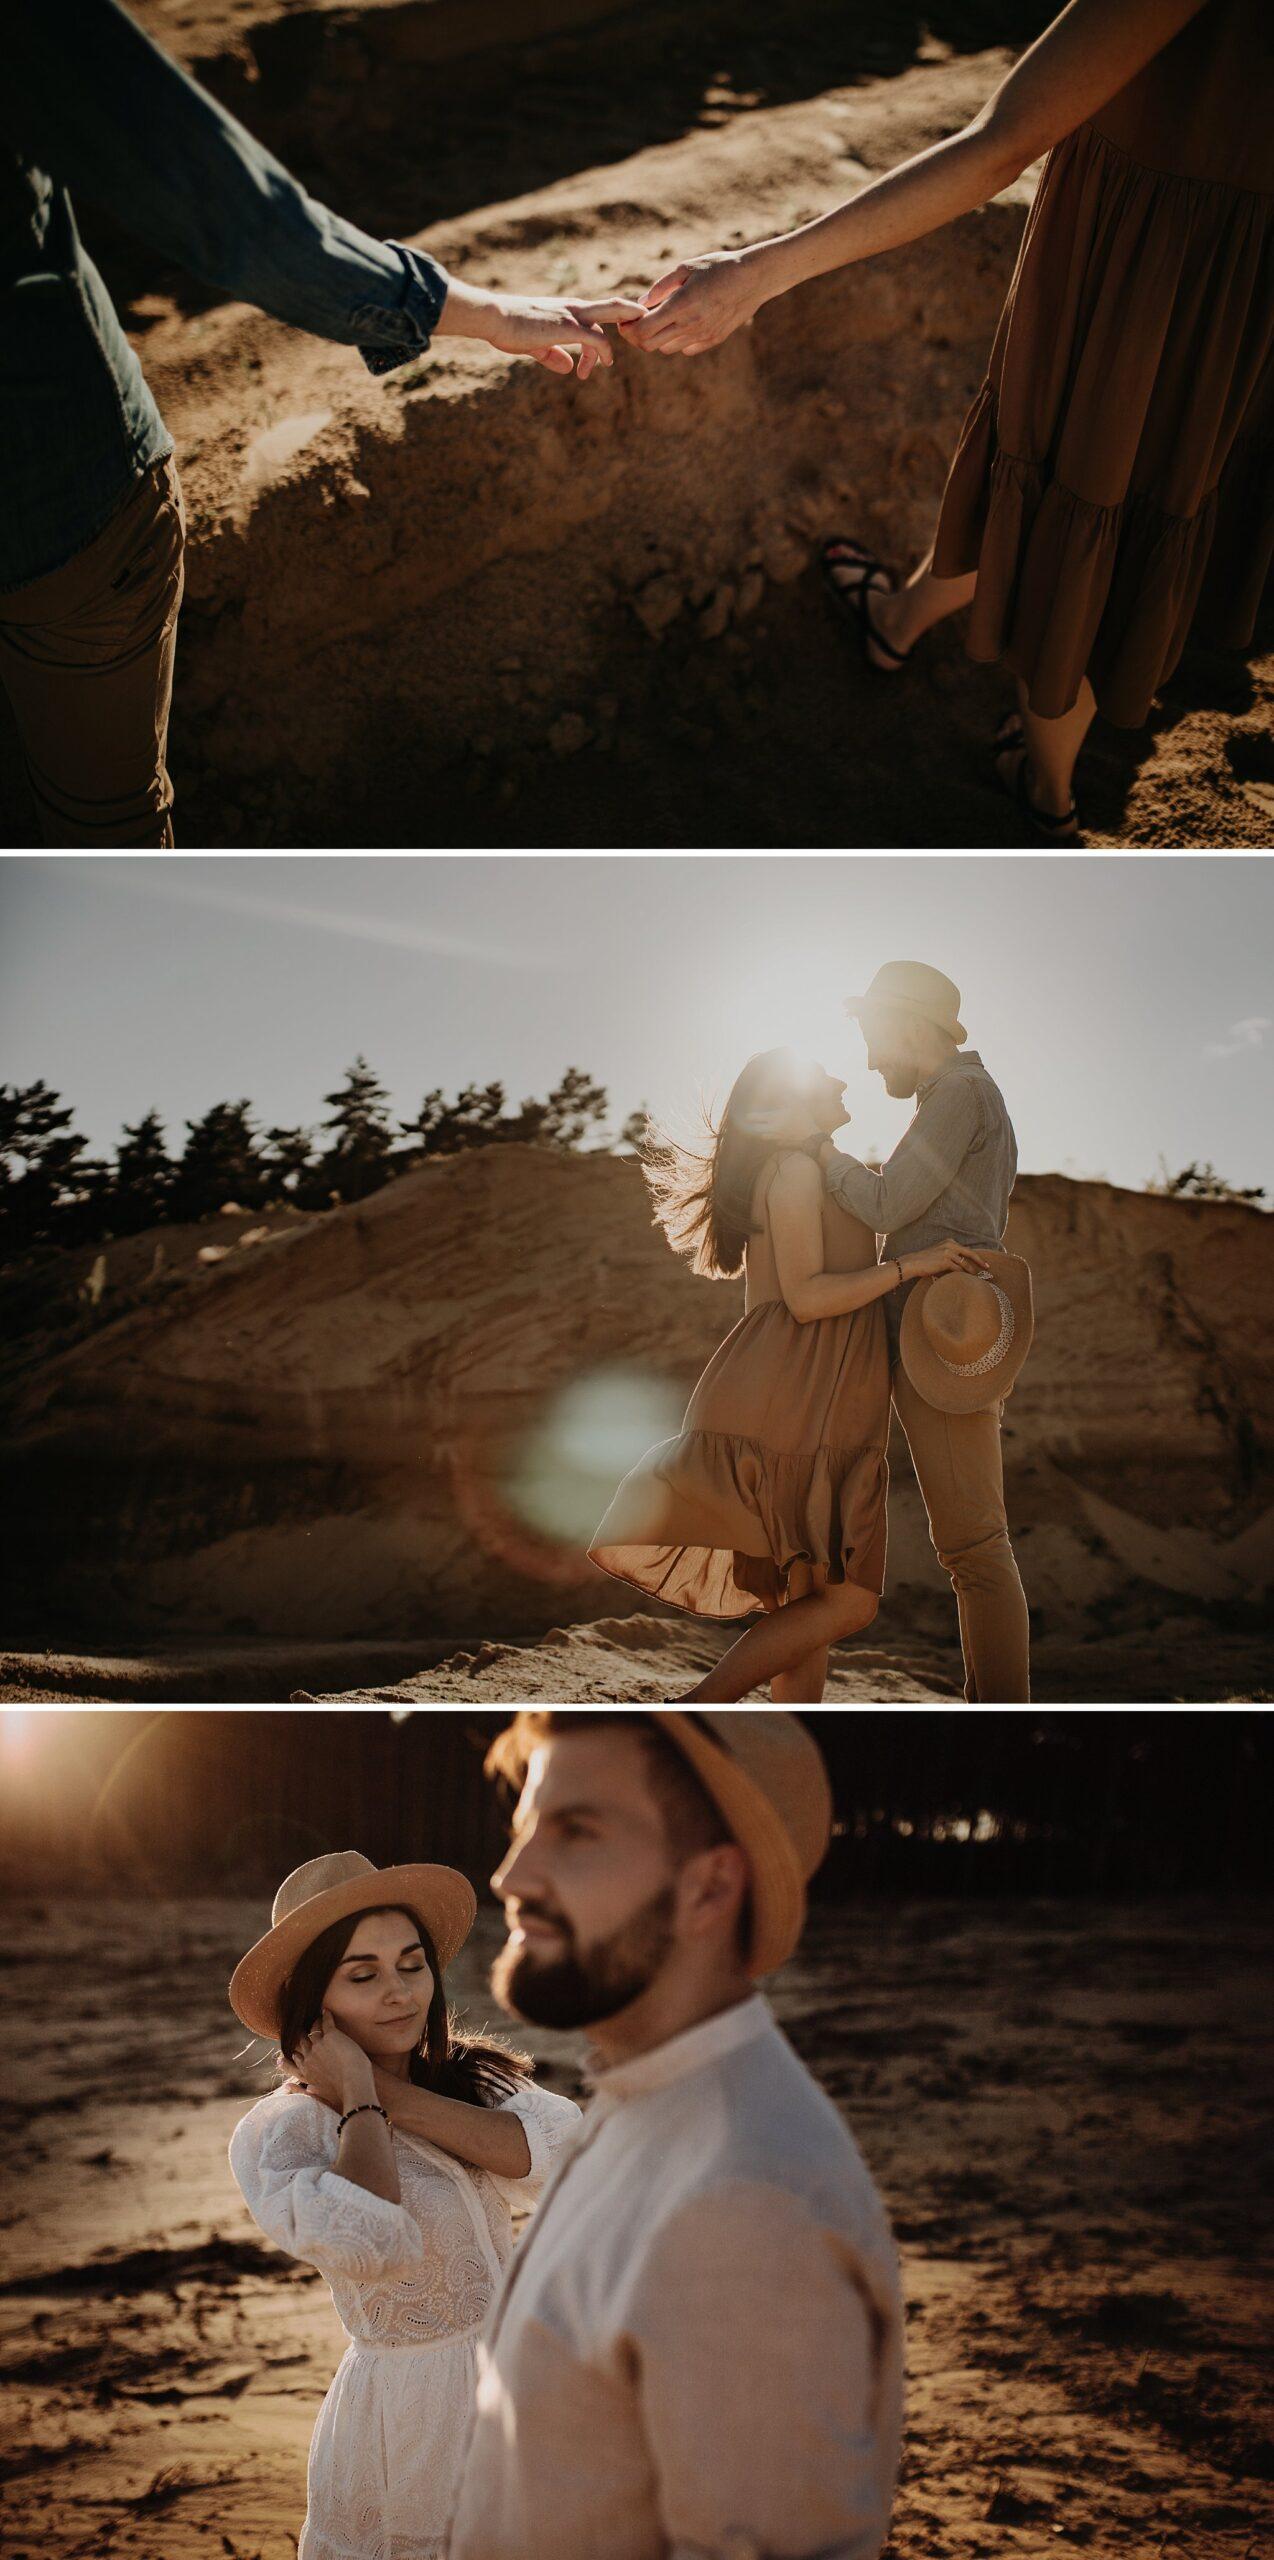 piekna sesja narzeczenska rustykalna romantyczna sesja na pustyni sesja zdjeciowa poznan krugphotography fotograf slubny z poznania fotografia slubna poznan 800 scaled